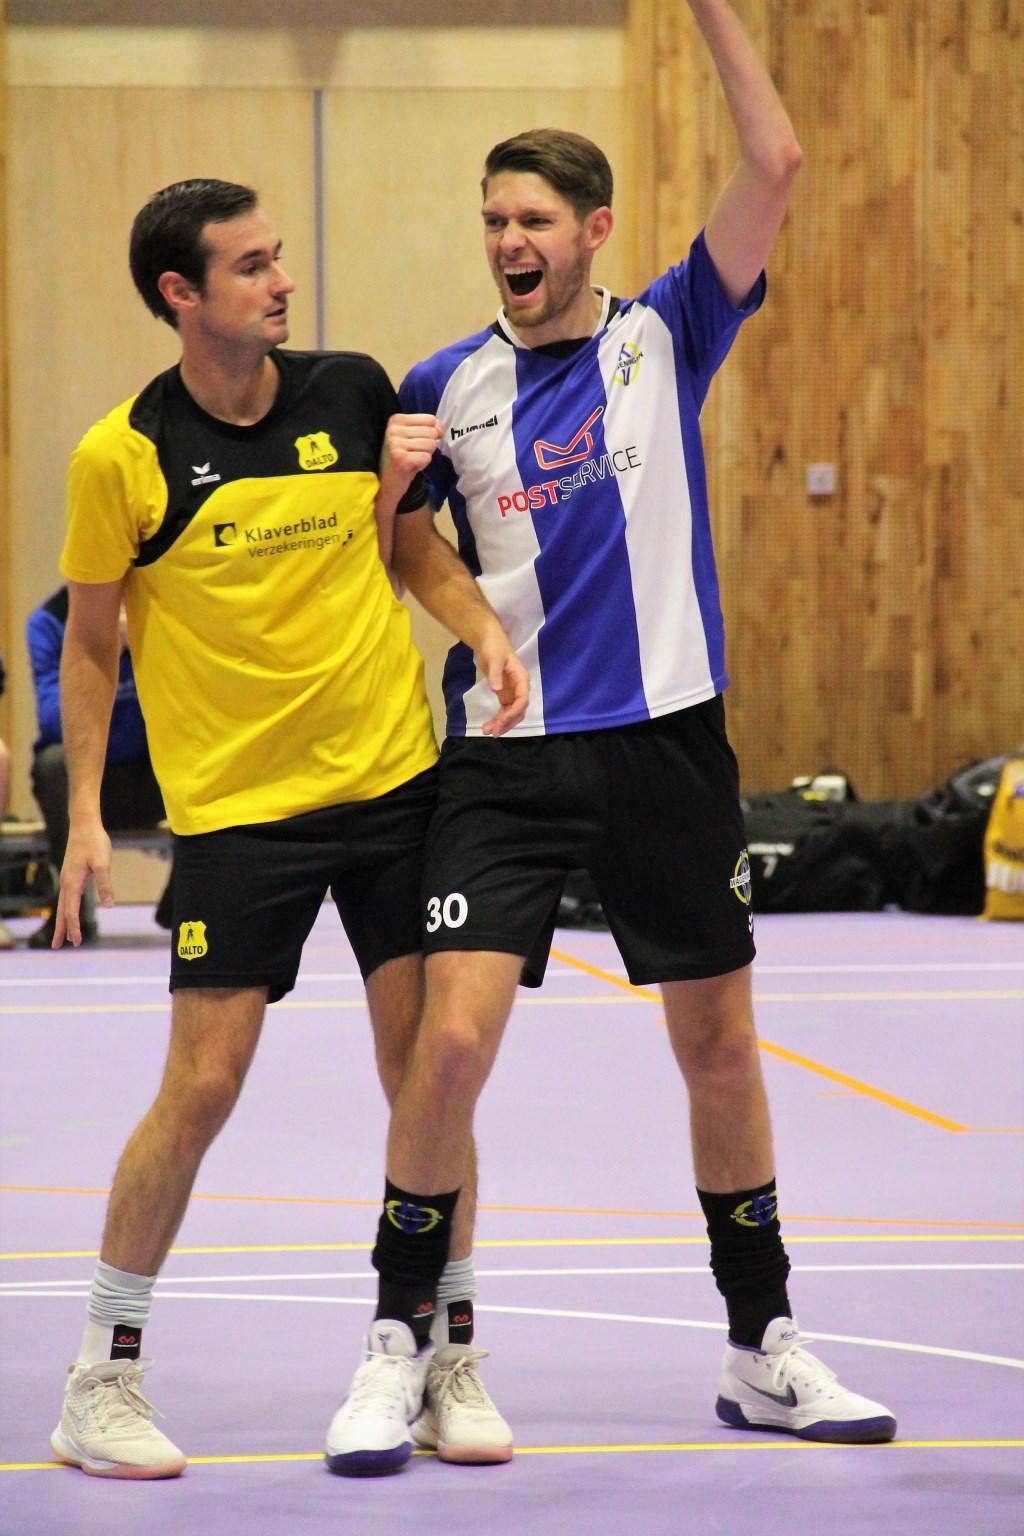 Wageningen speler Wouter ter Maten was zaterdag topscorer Foto: Patricia Brouwer © DPG Media